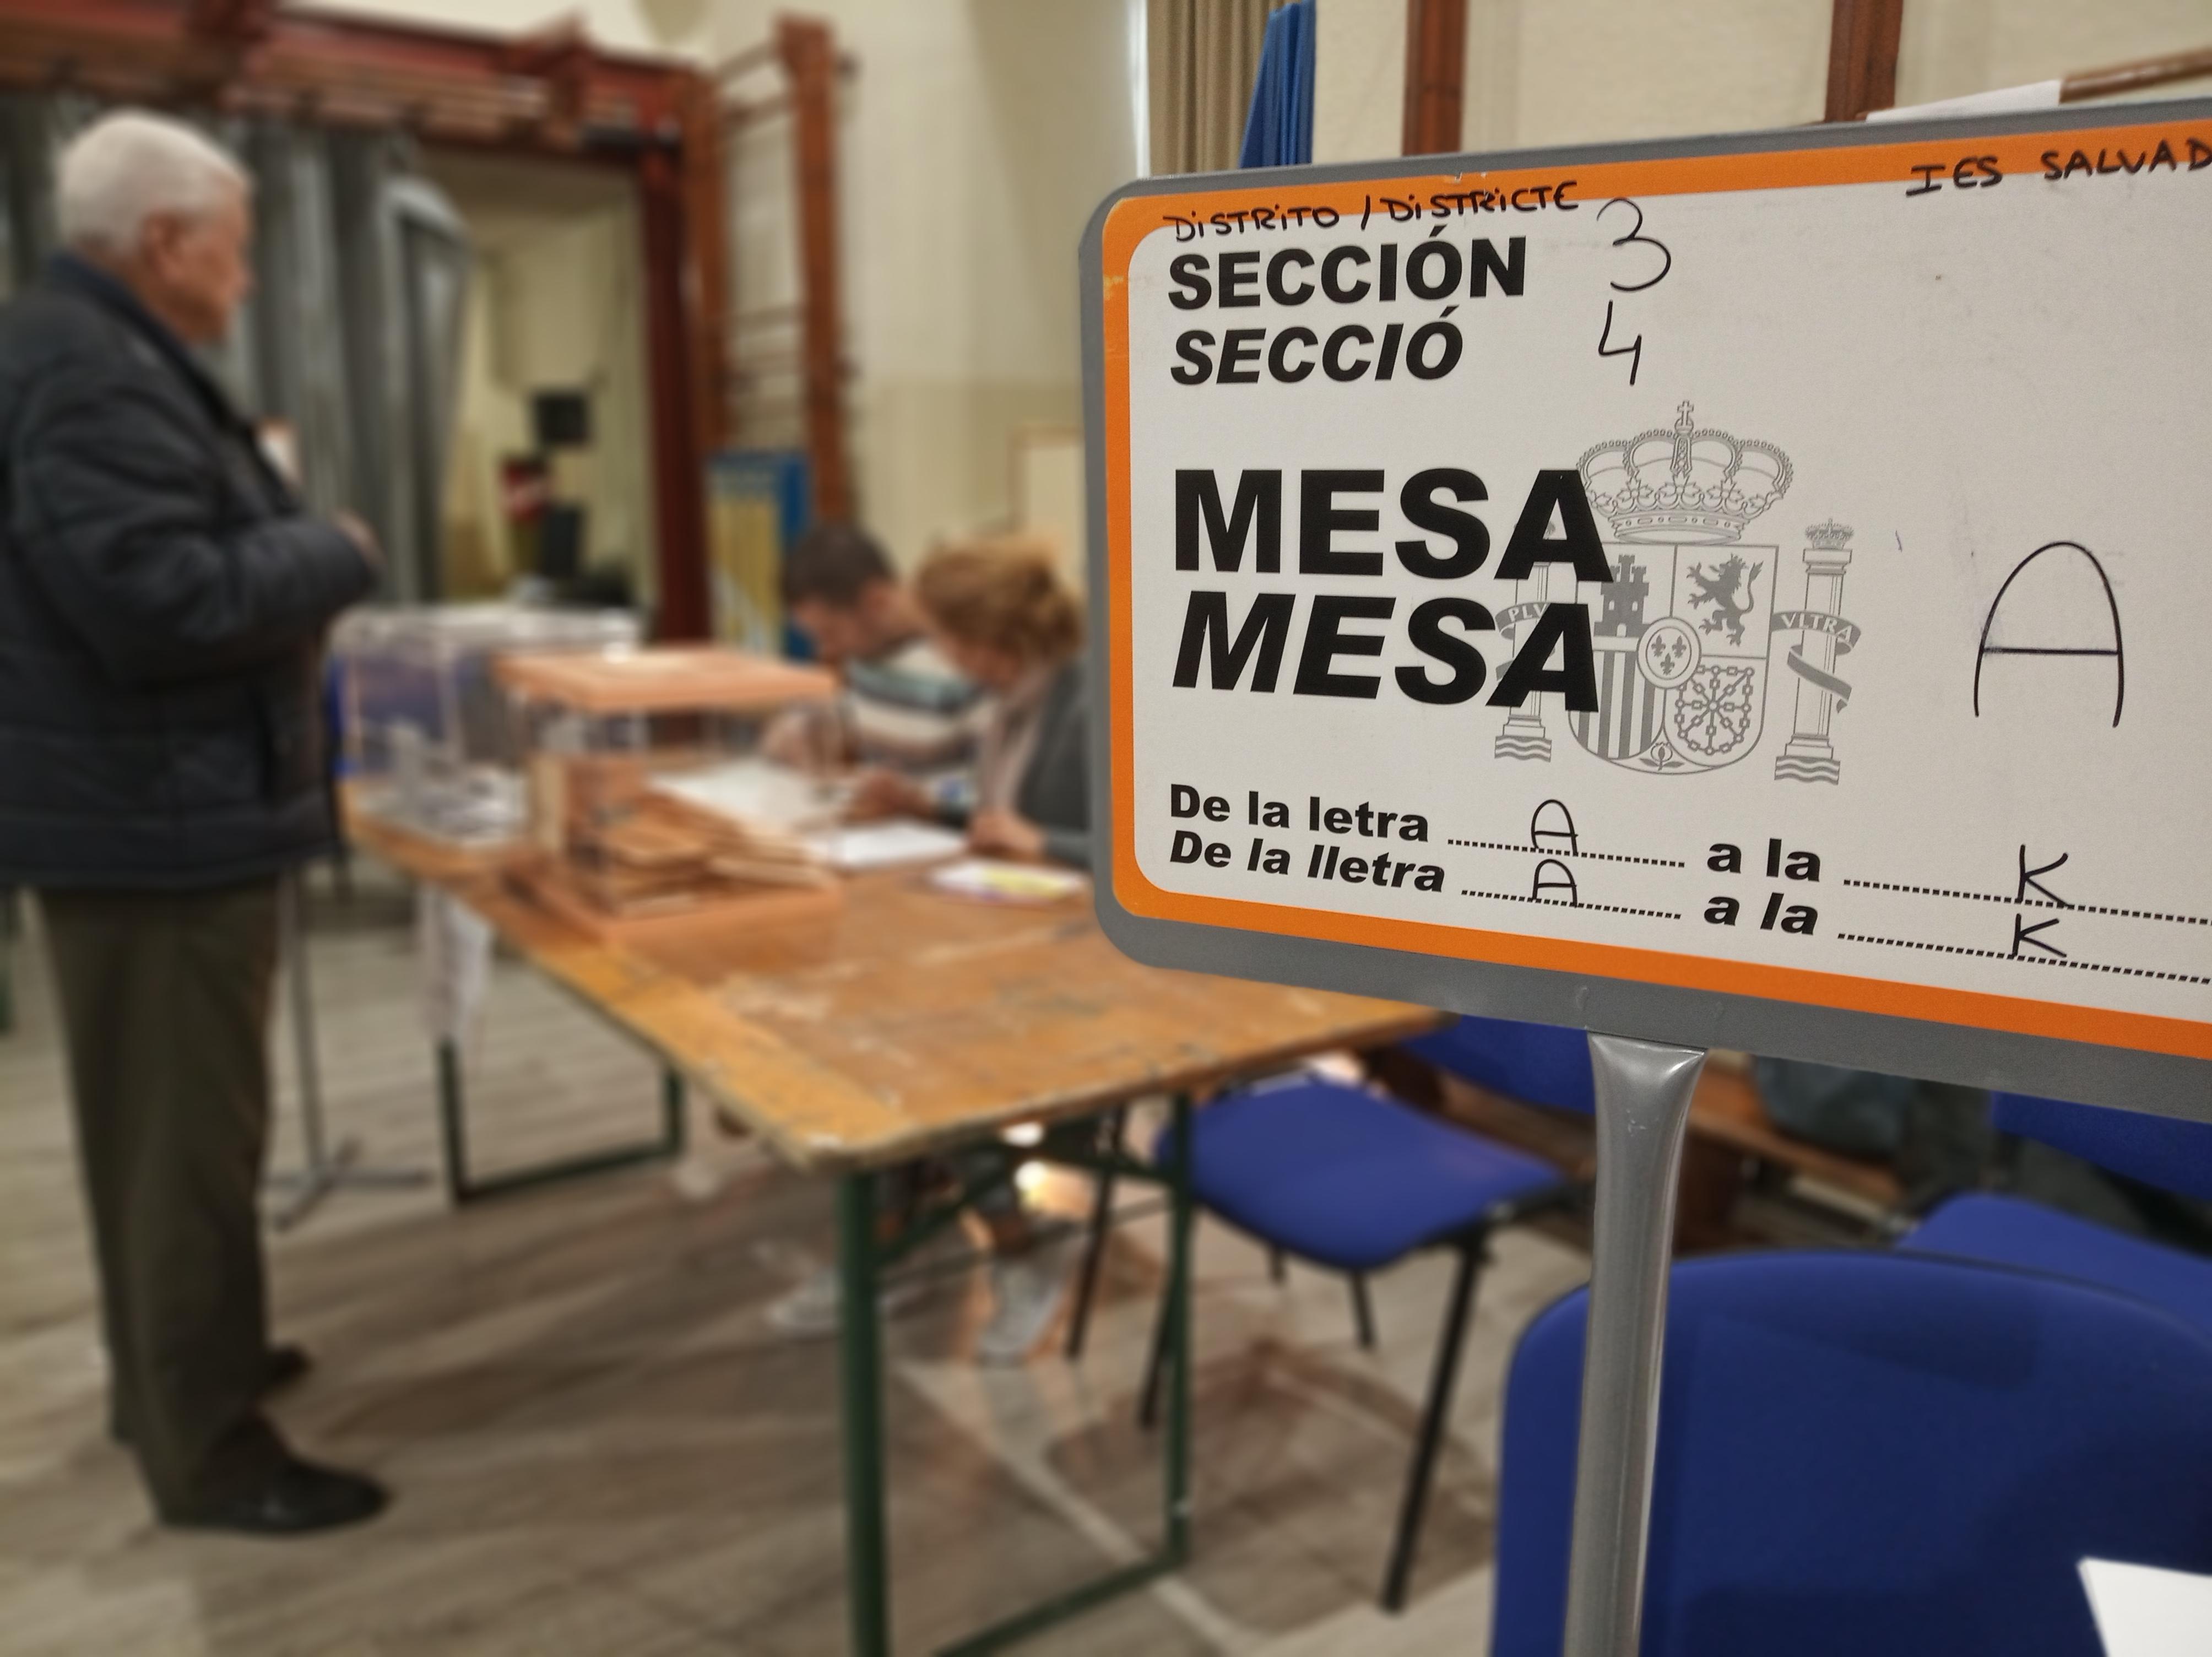 La participació a les Eleccions Generals del 10 de novembre de 2019 a Reus a les 18:00h